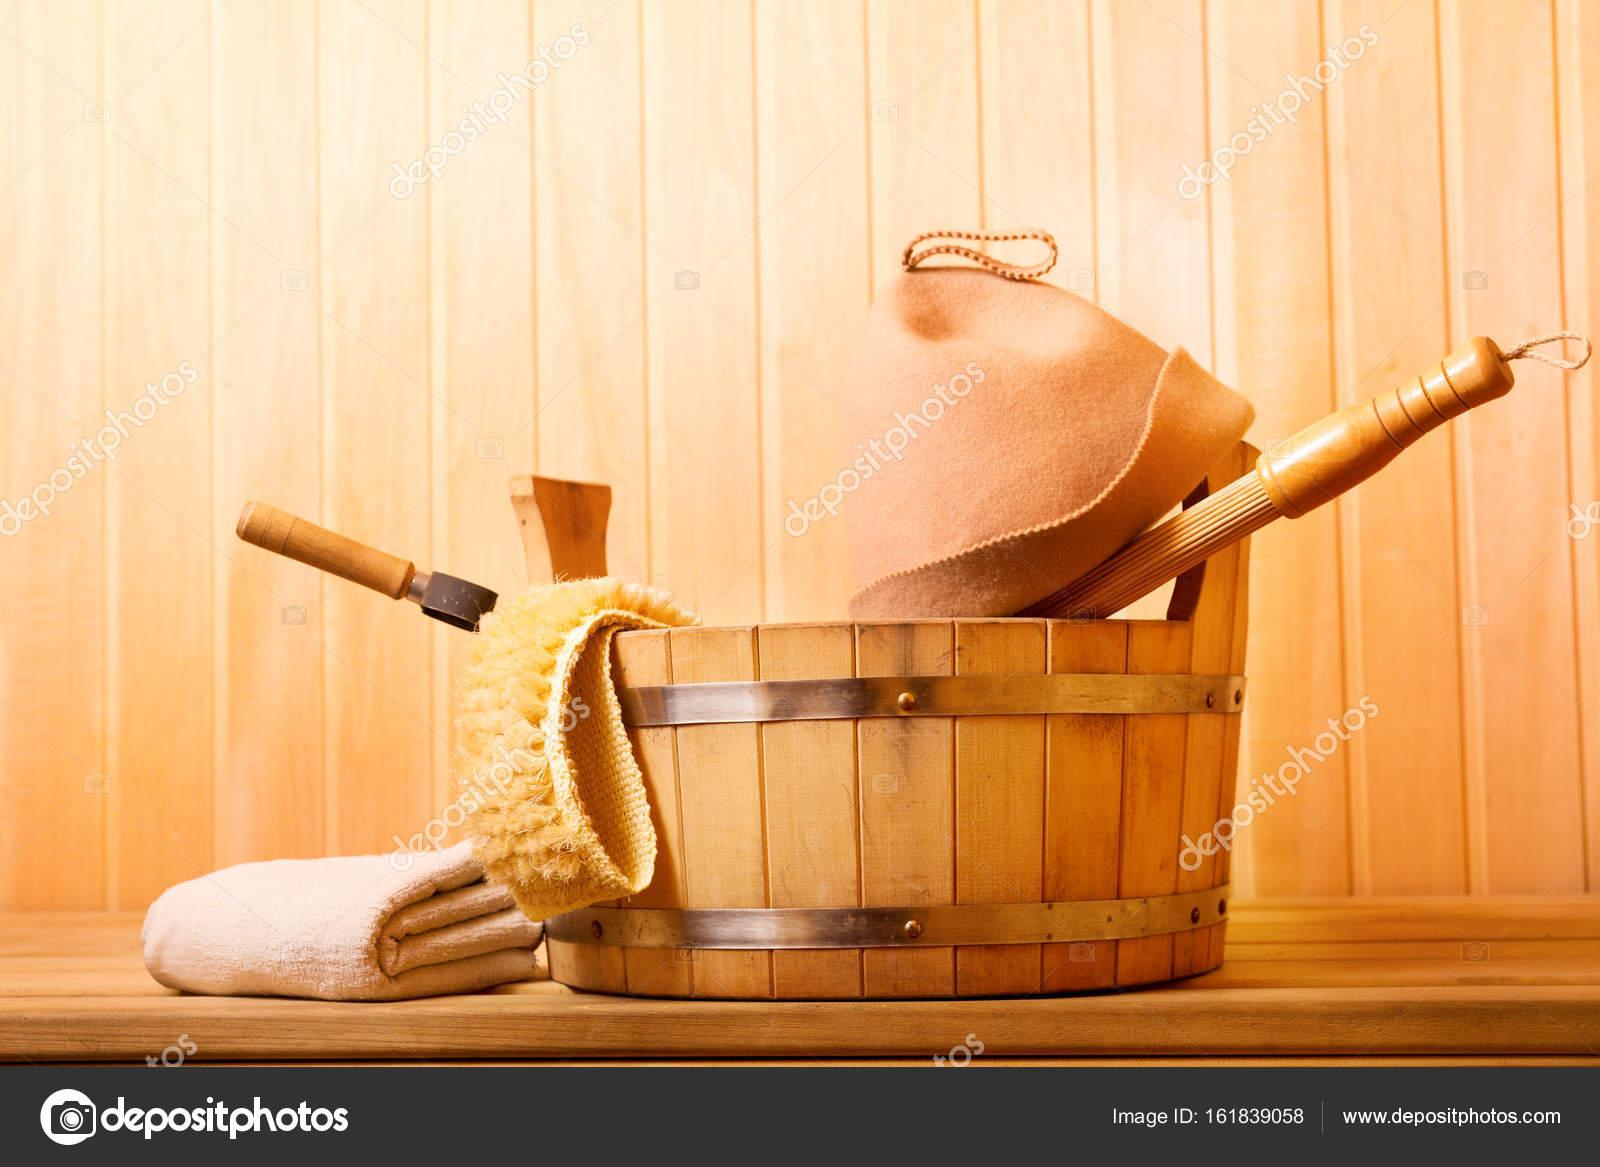 183b316a132 Sauna Accessoires in een houten sauna — Stockfoto © Nitrub #161839058